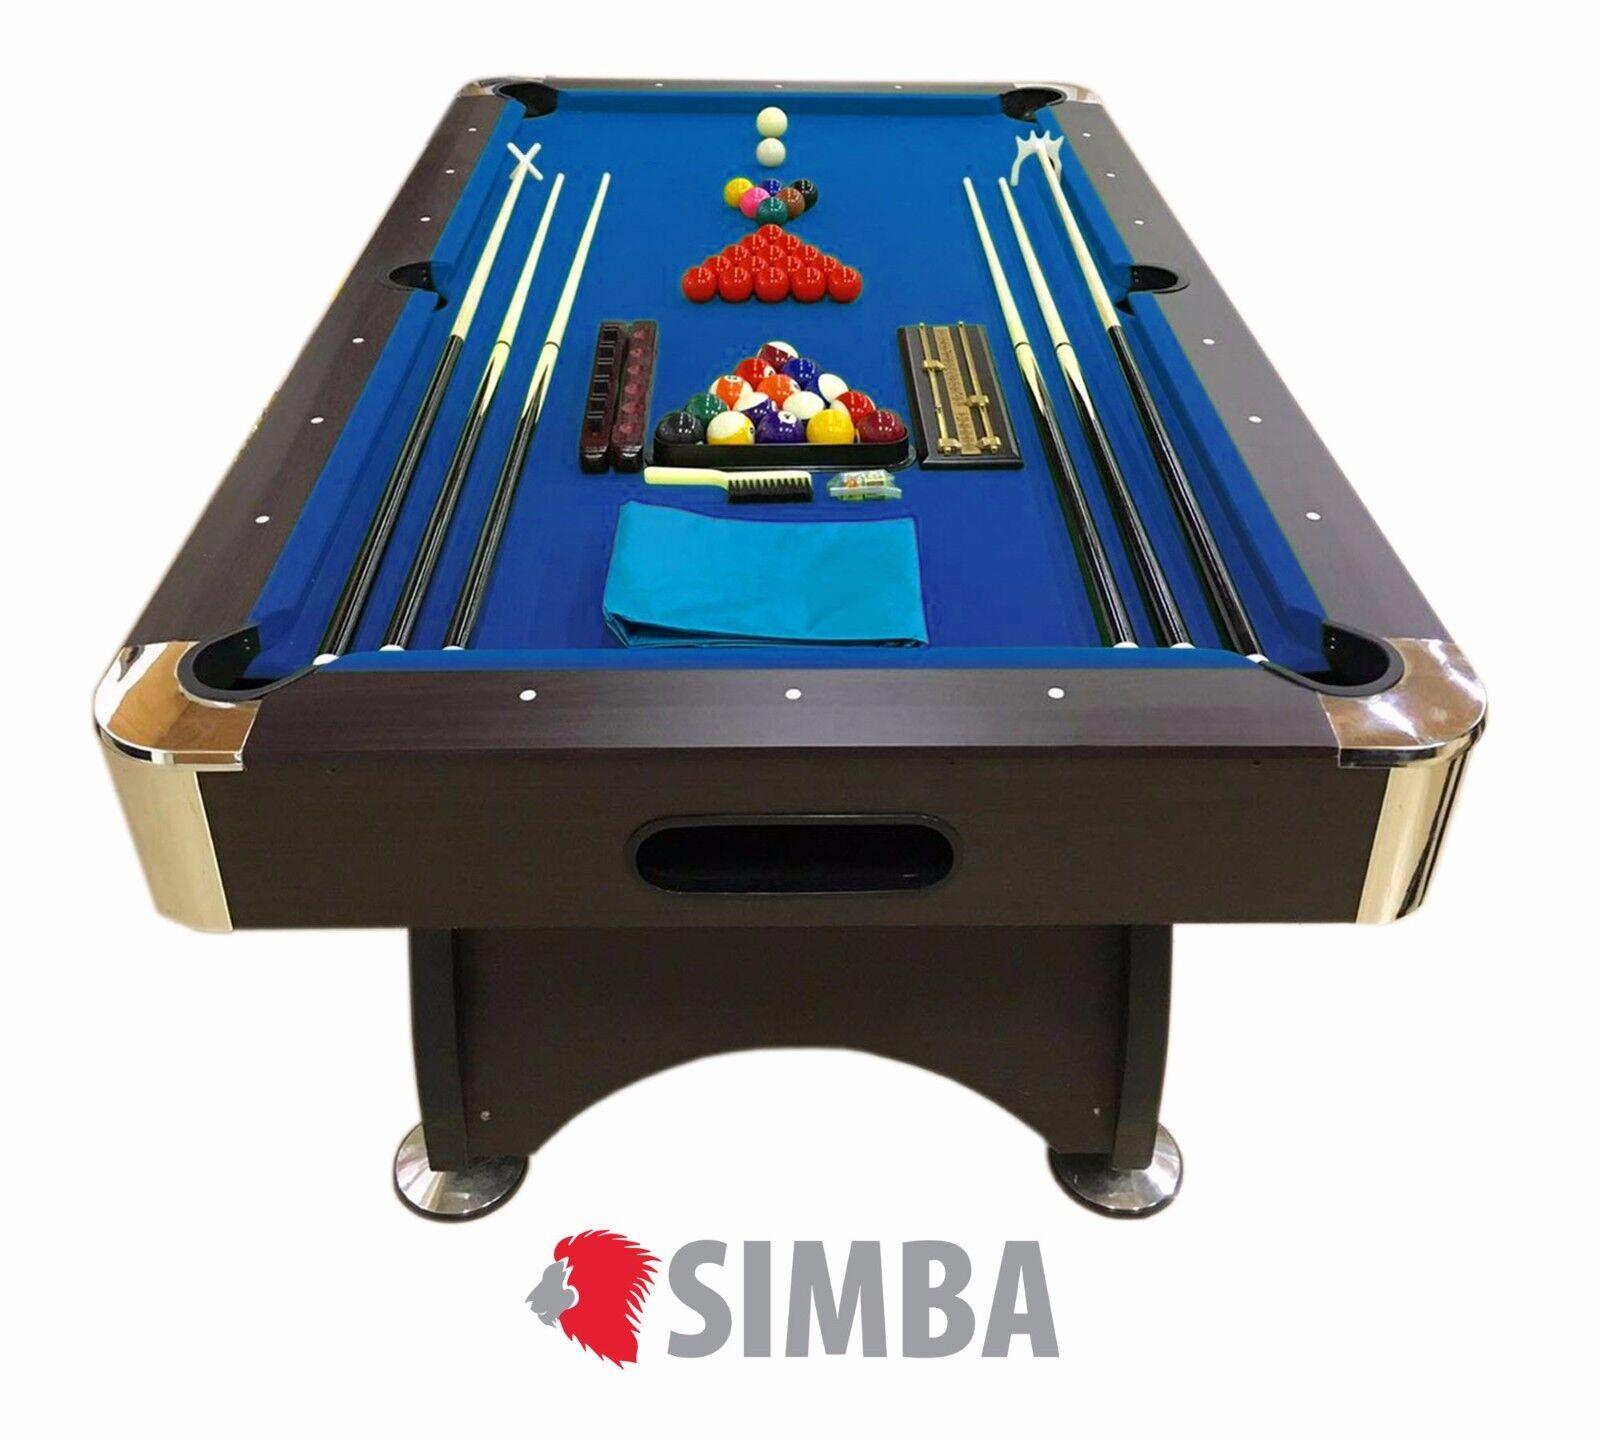 TAVOLO DA BILIARDO + ACCESSORI PER CARAMBOLA - SNOOKER blue billiard table 7FT